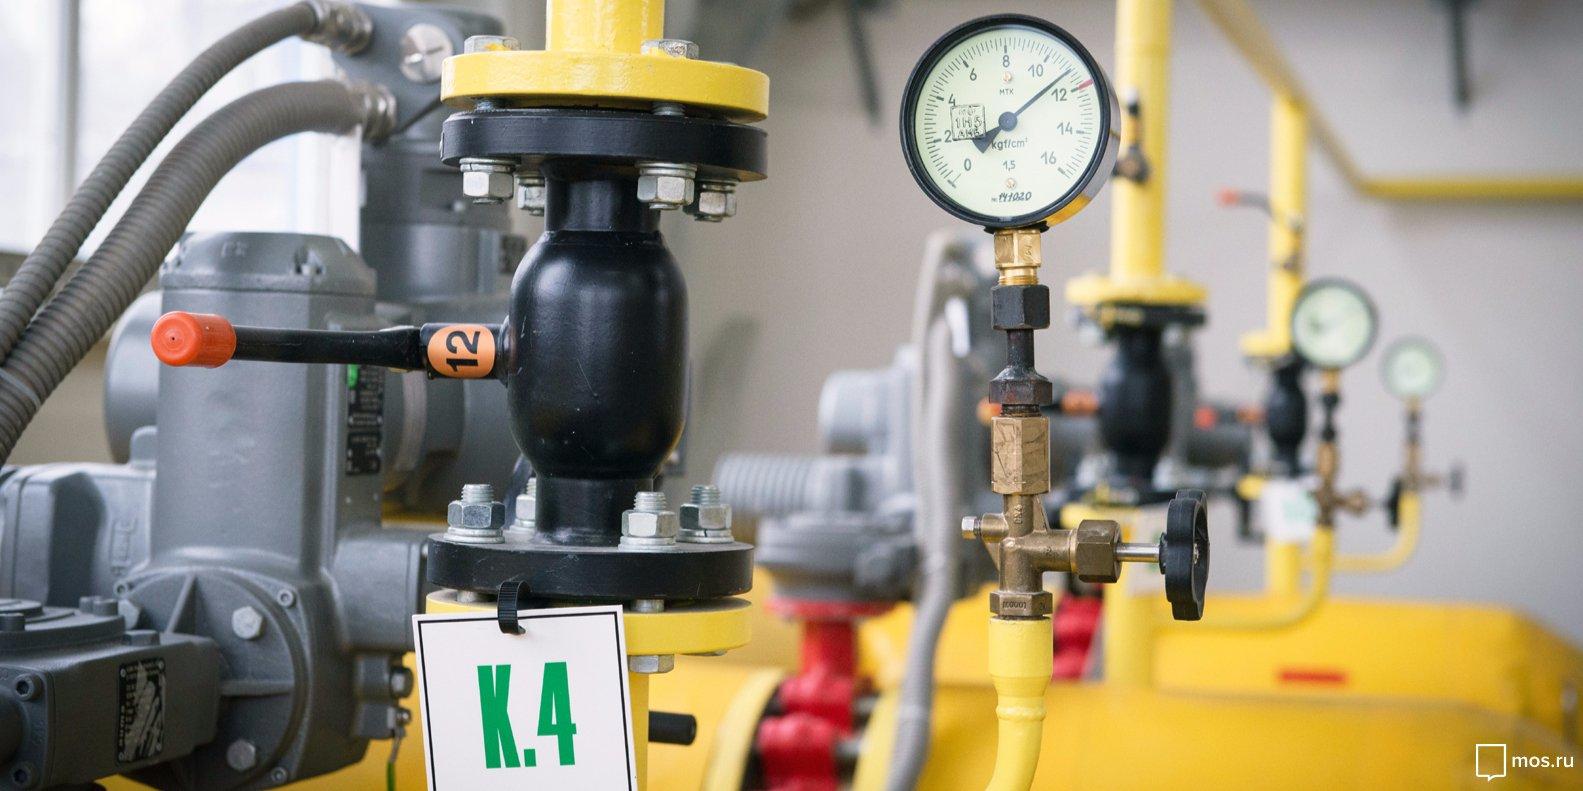 В Левобережном пройдет реконструкция газопровода. Фото:  mos.ru